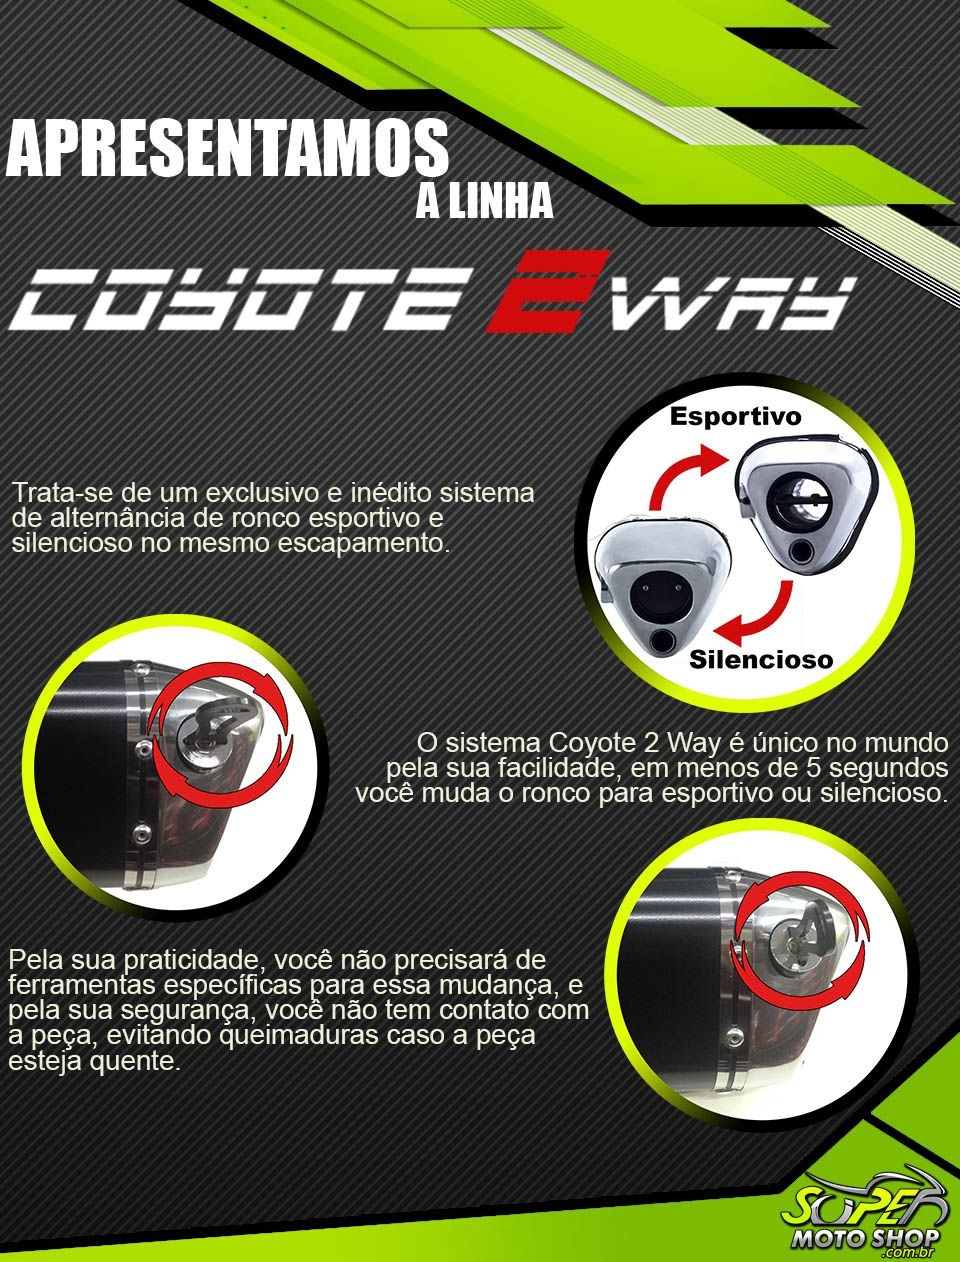 Escape / Ponteira Coyote TRS 2 Way Alumínio - Bandit 650 / 1250 ano 2009 em Diante - Suzuki